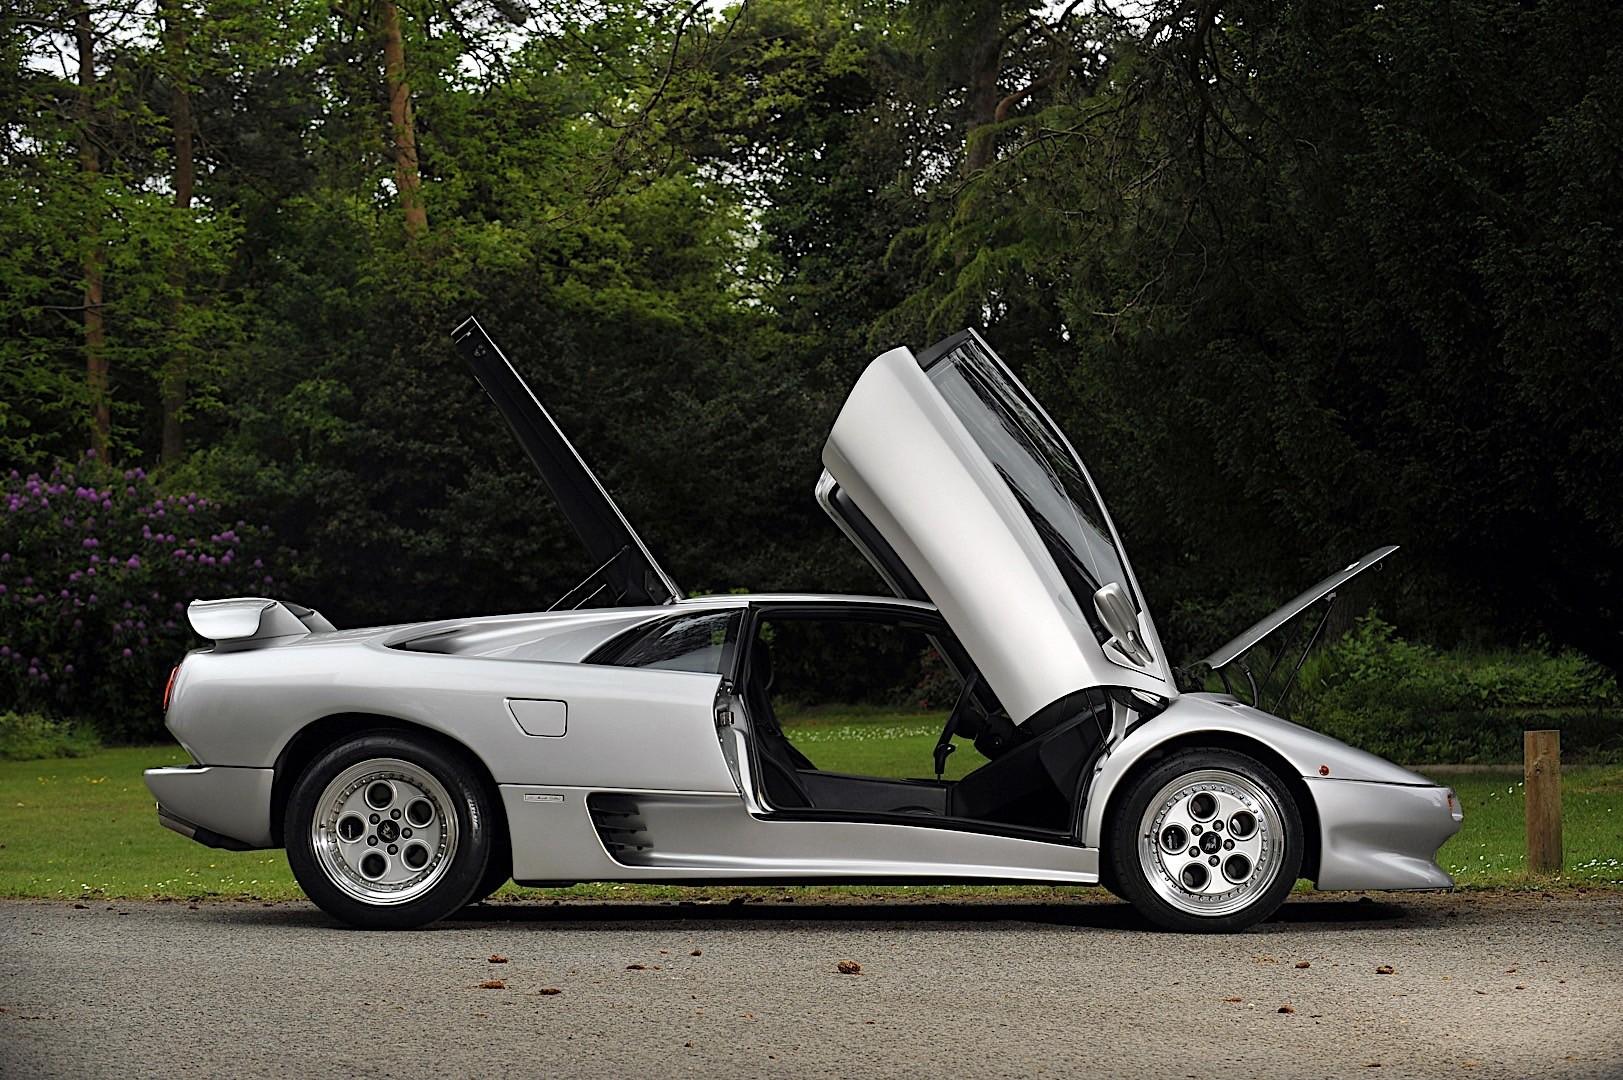 Lamborghini Diablo Vt Specs Amp Photos 1993 1994 1995